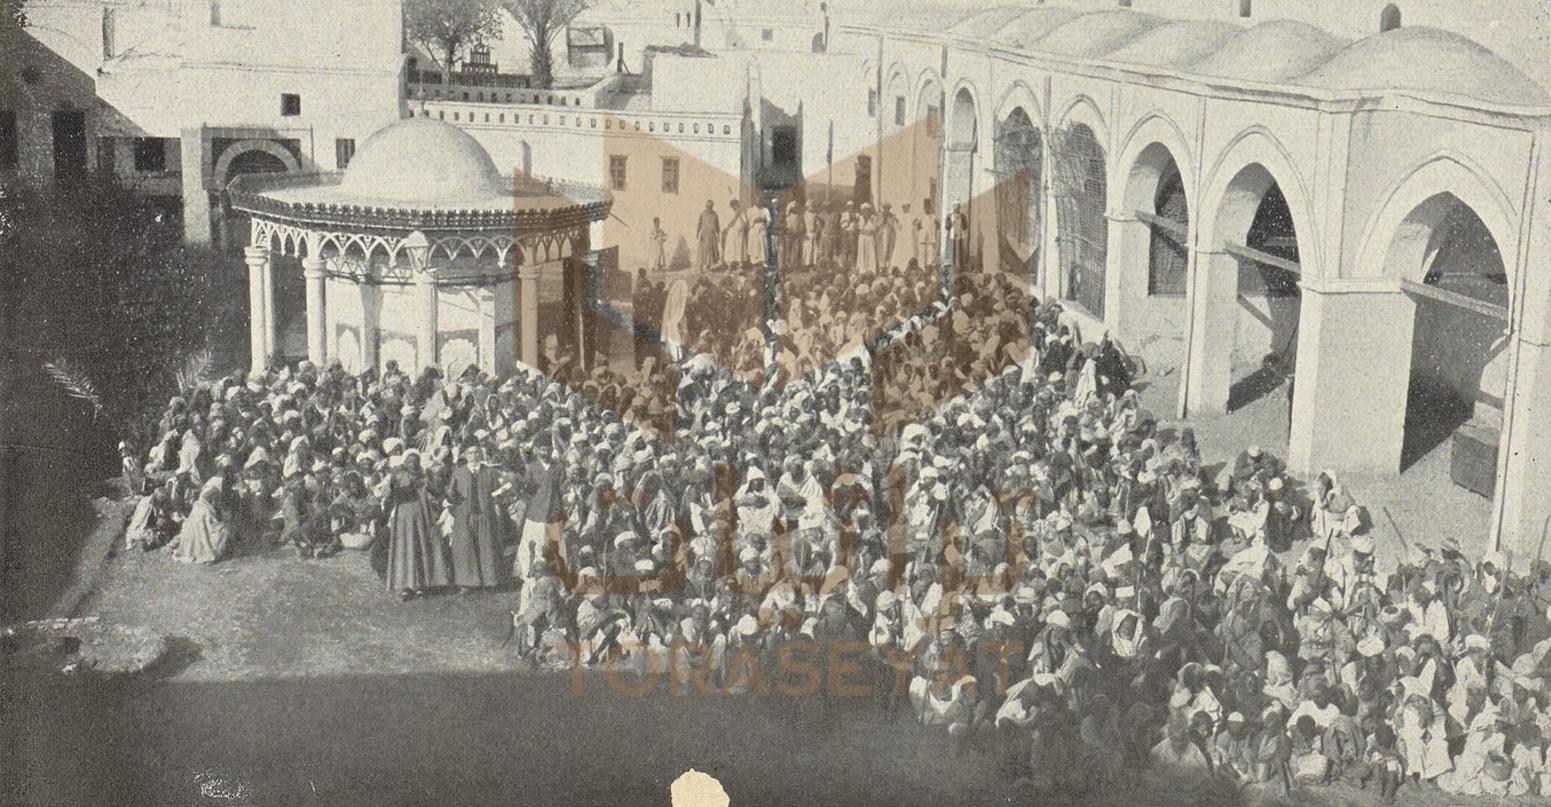 عابري السبيل في تكية الباشا محمد علي بالمدينة المنورة